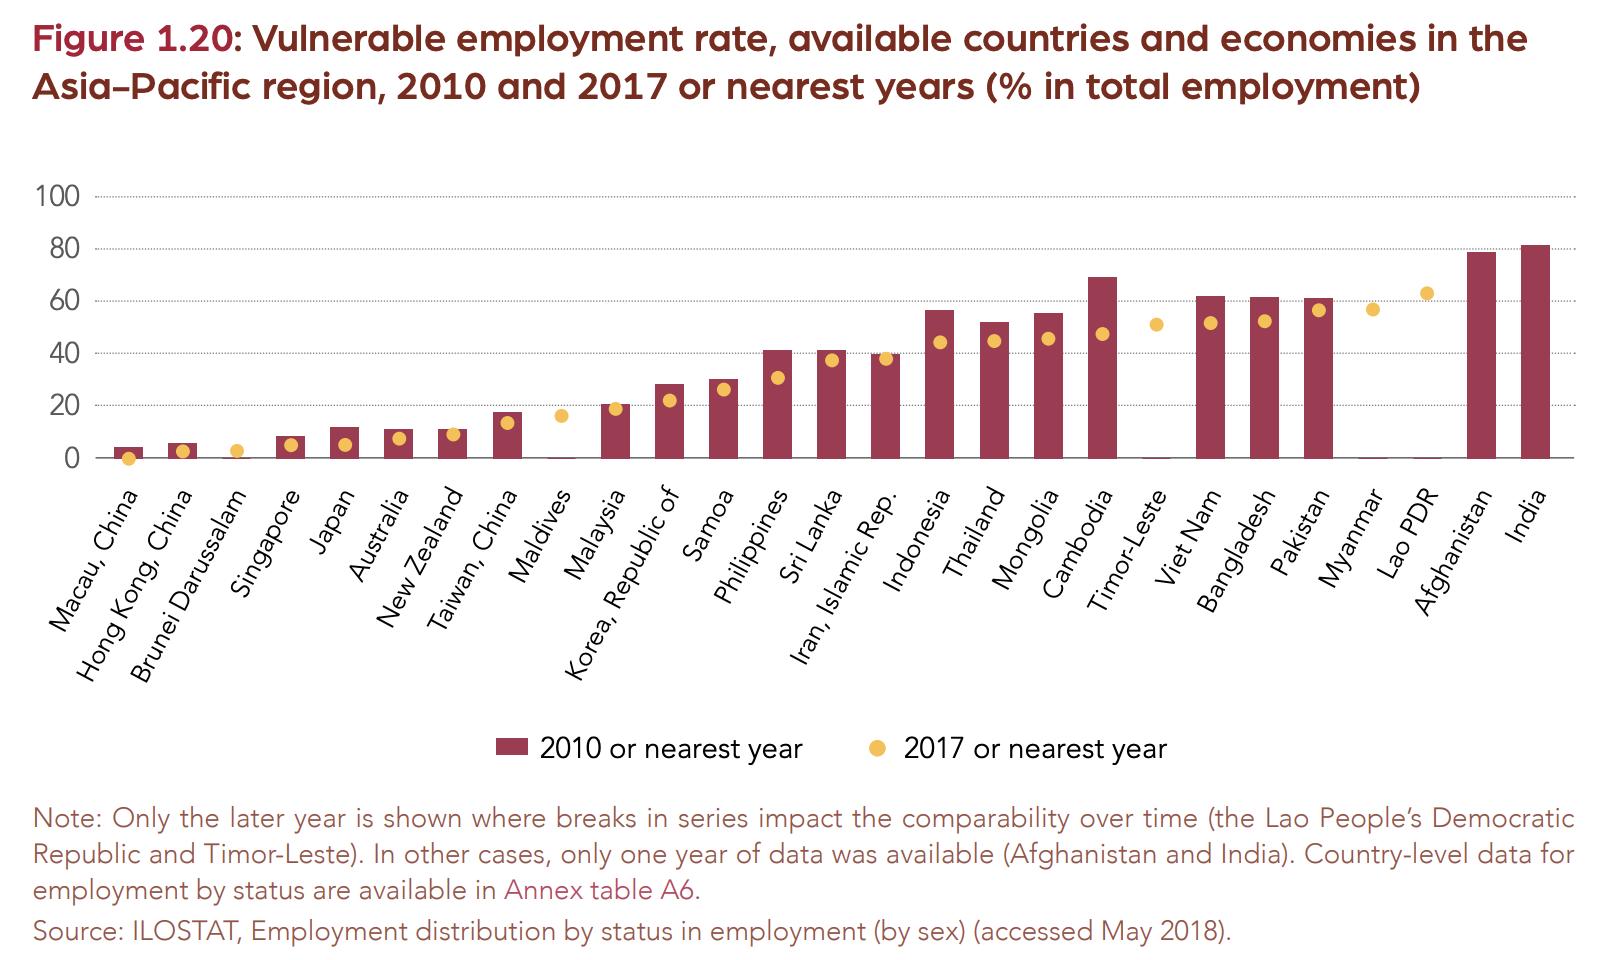 【国際】ILO、アジア太平洋地域の労働慣行環境は今後不安定化と警鐘。特に南アジア 2